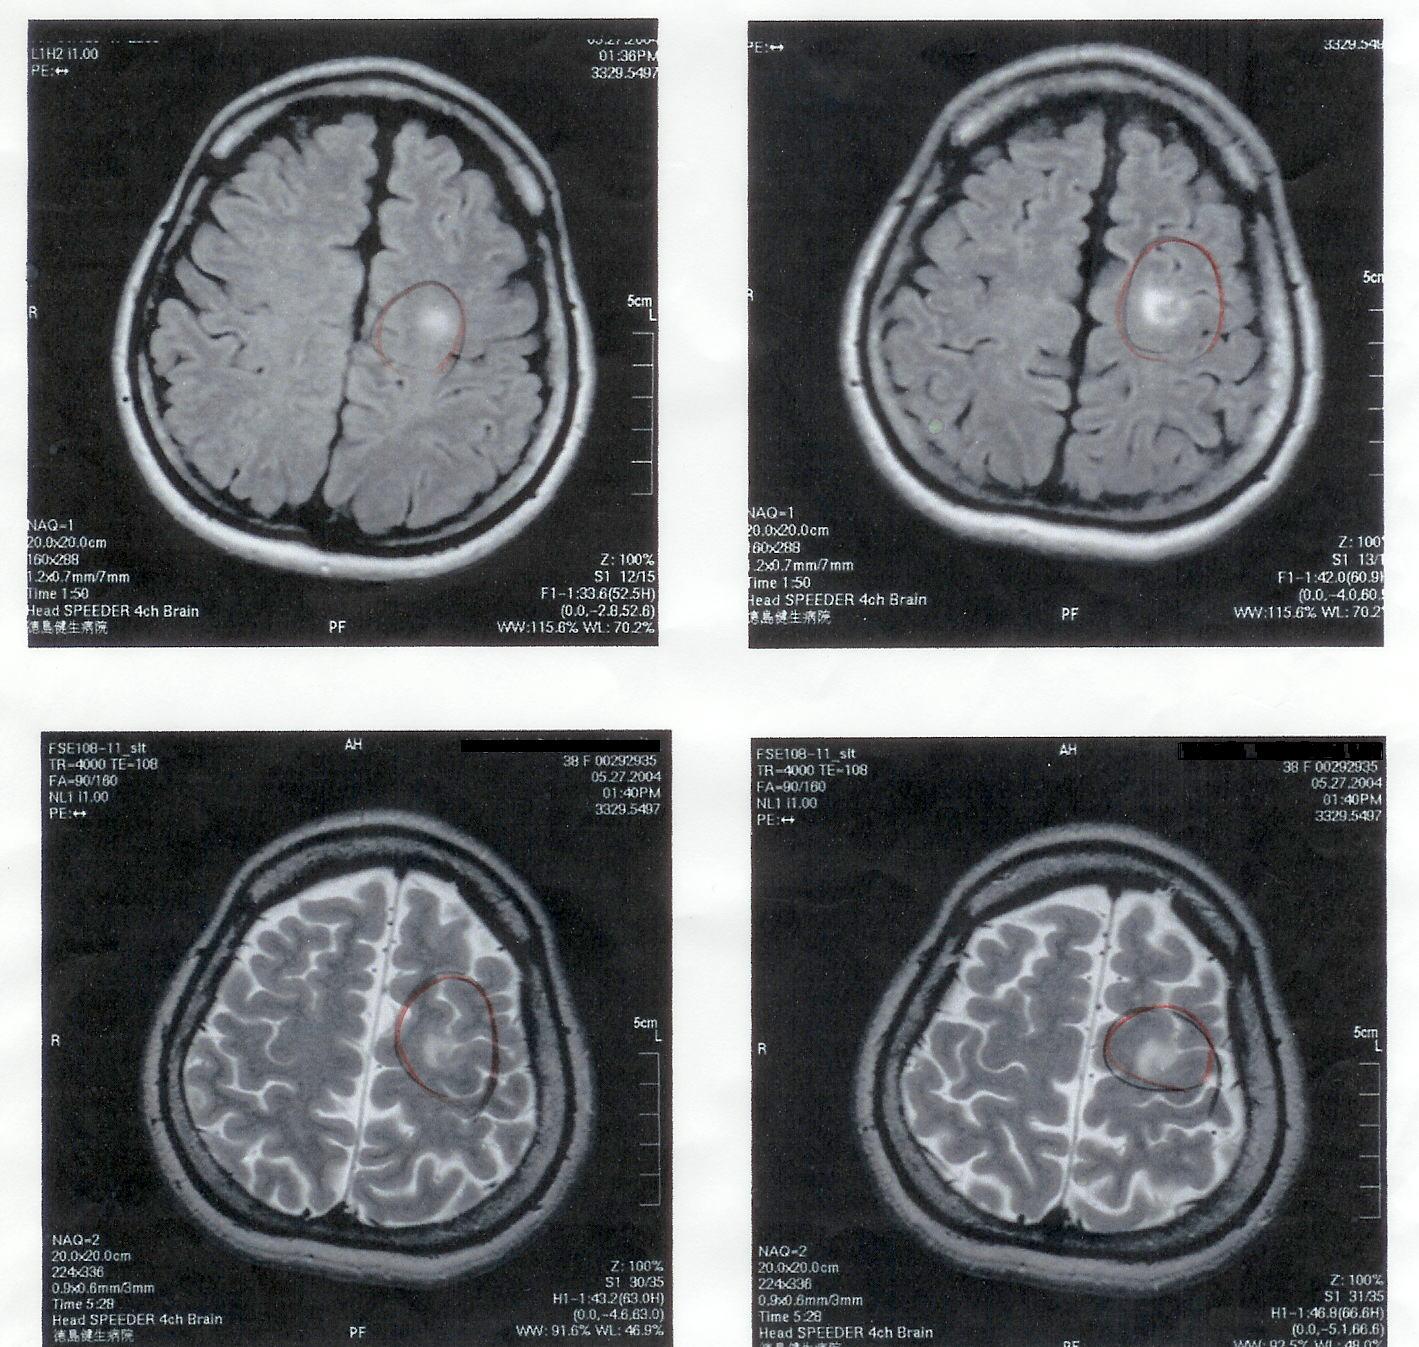 気功論文:脳腫瘍患者のMRI検査画像3